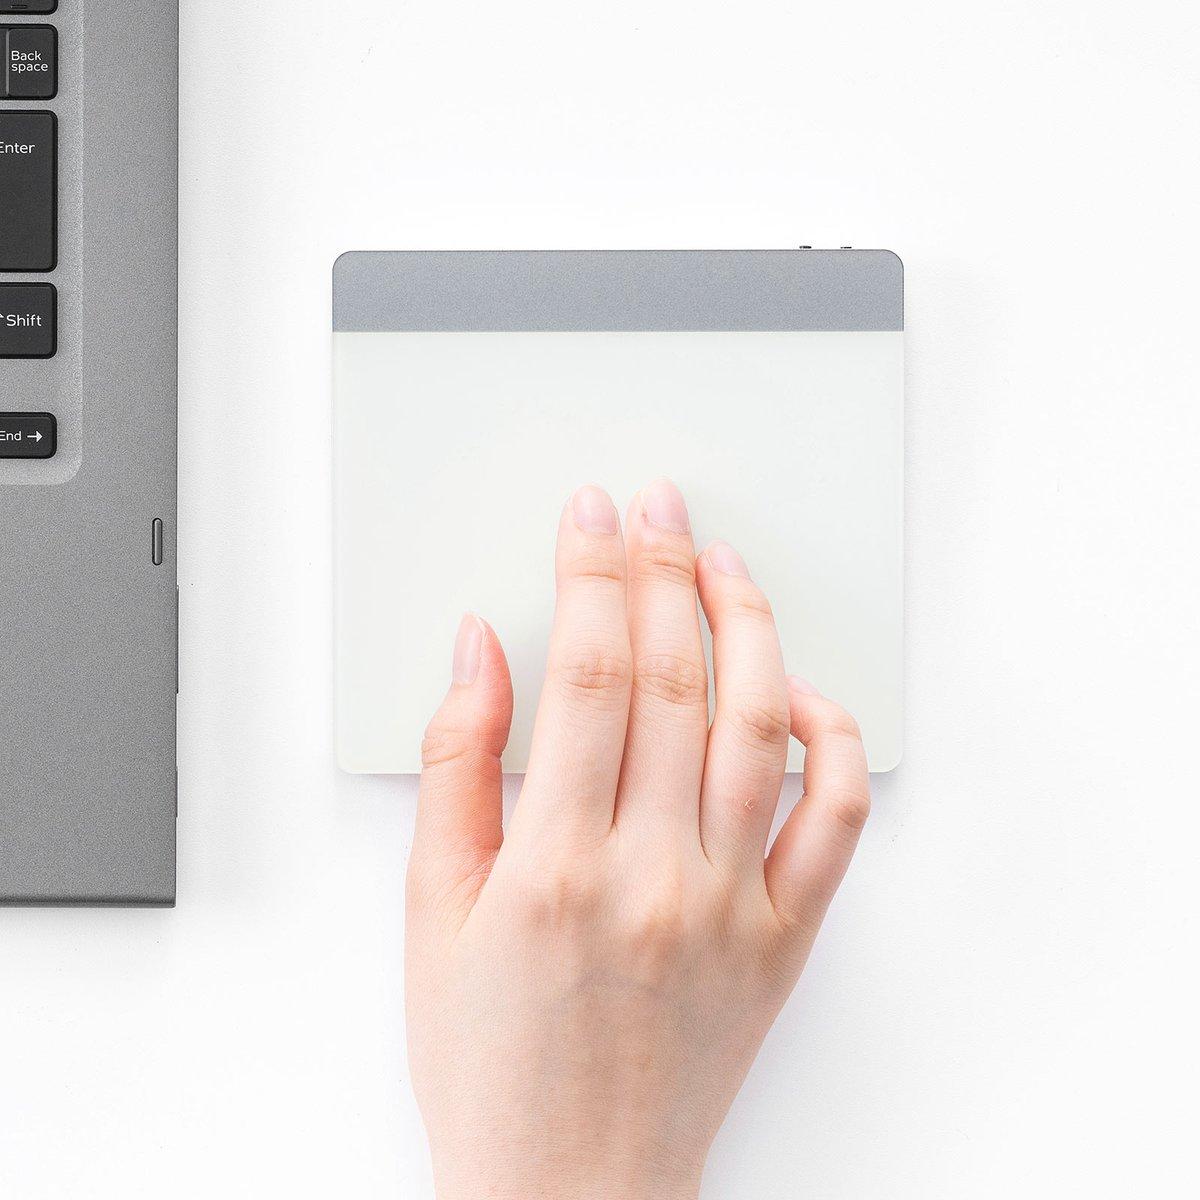 タッチ&スワイプでPC操作ができますスマホ感覚でPC操作ができるBluetoothタッチパッドが発売 軽い力で動いて手首に優しい